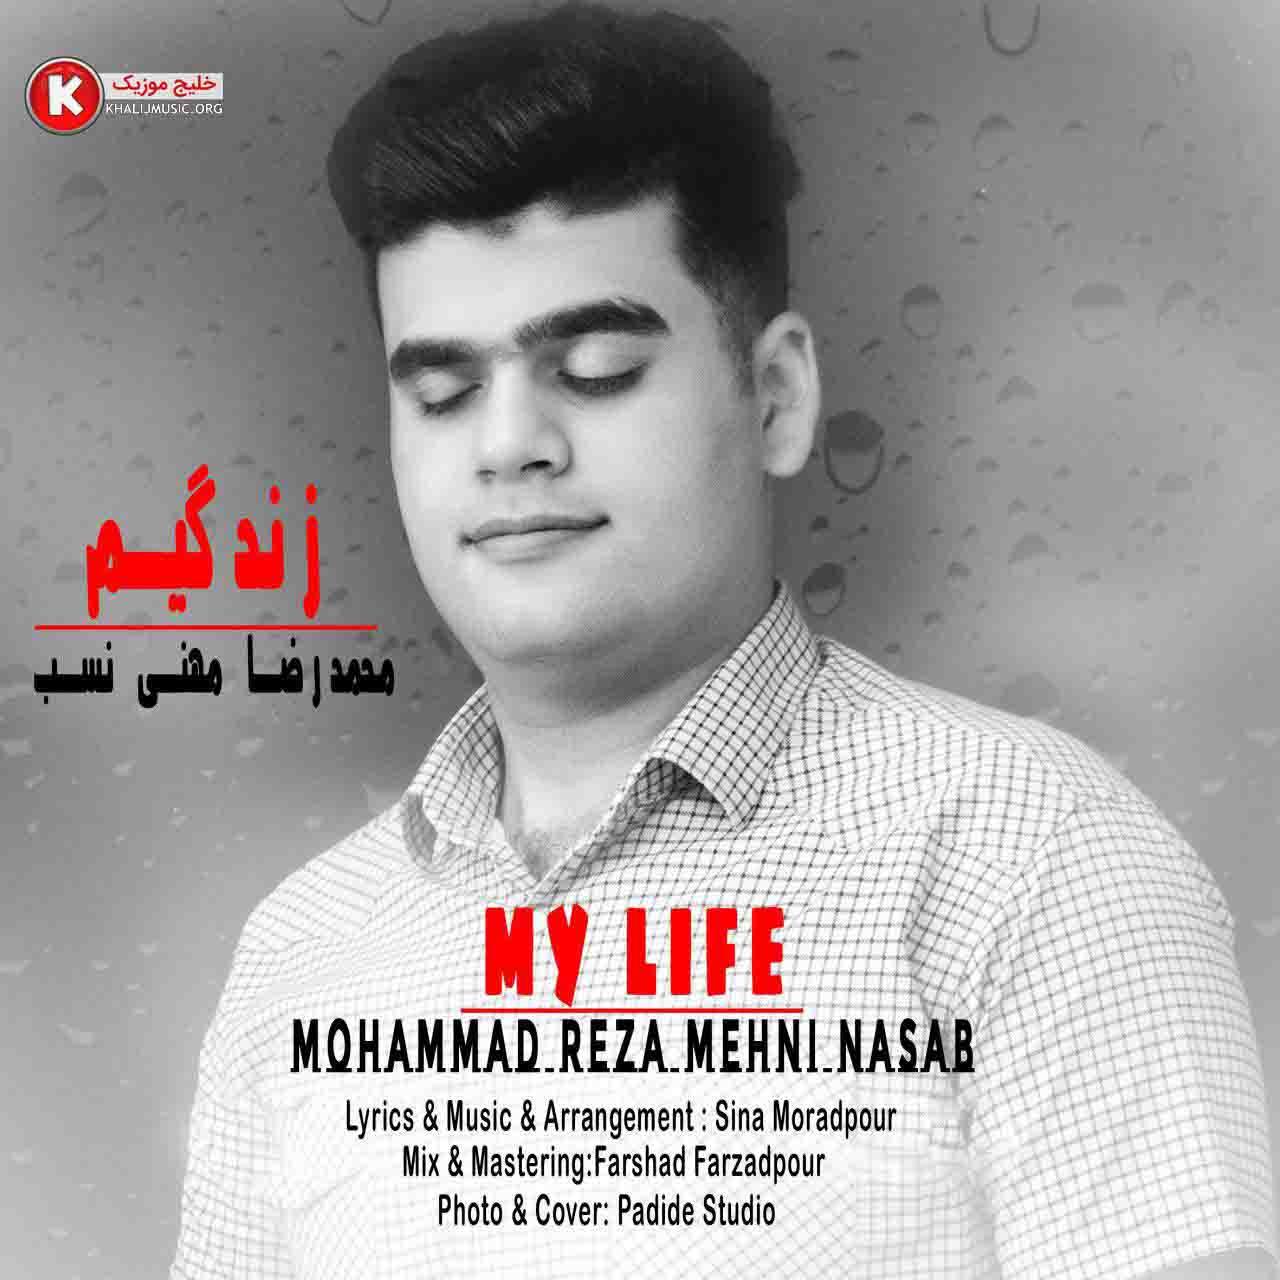 محمدرضا مهنی نسب آهنگ جدید و بسیار زیبا و شنیدنی بنام زندگیم